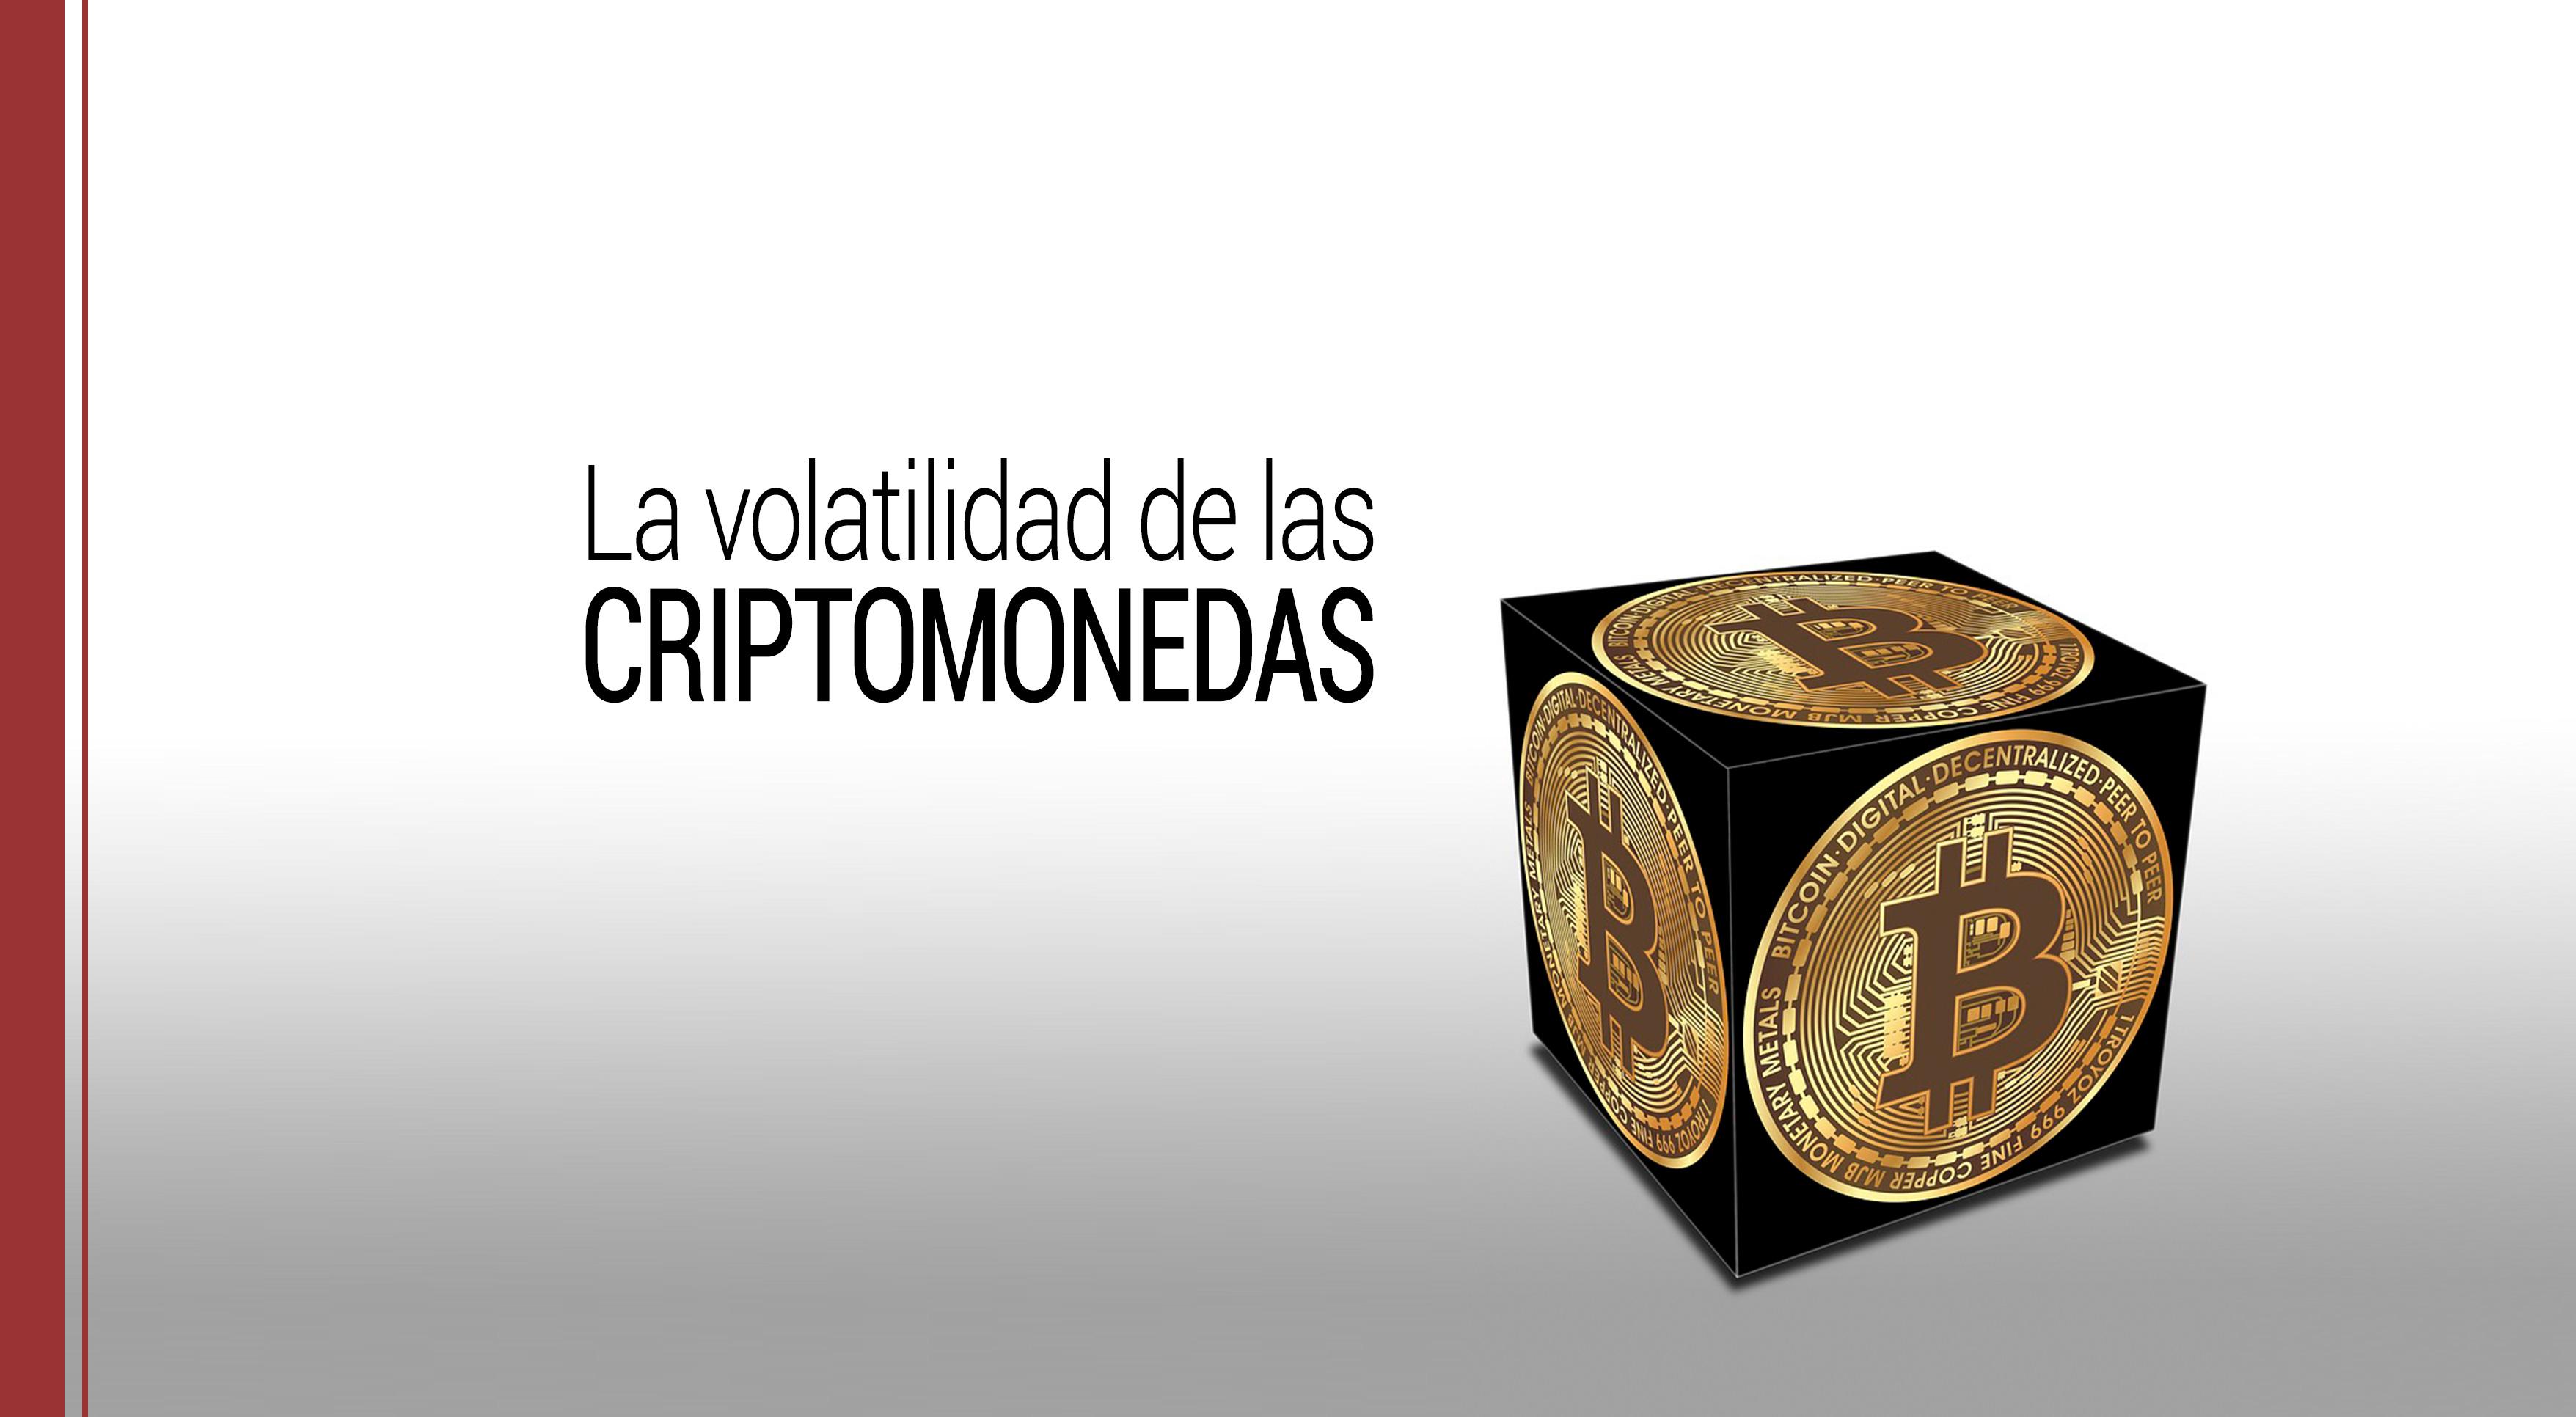 que-es-volatilidad-criptomonedas La volatilidad de las criptomonedas y su explicación